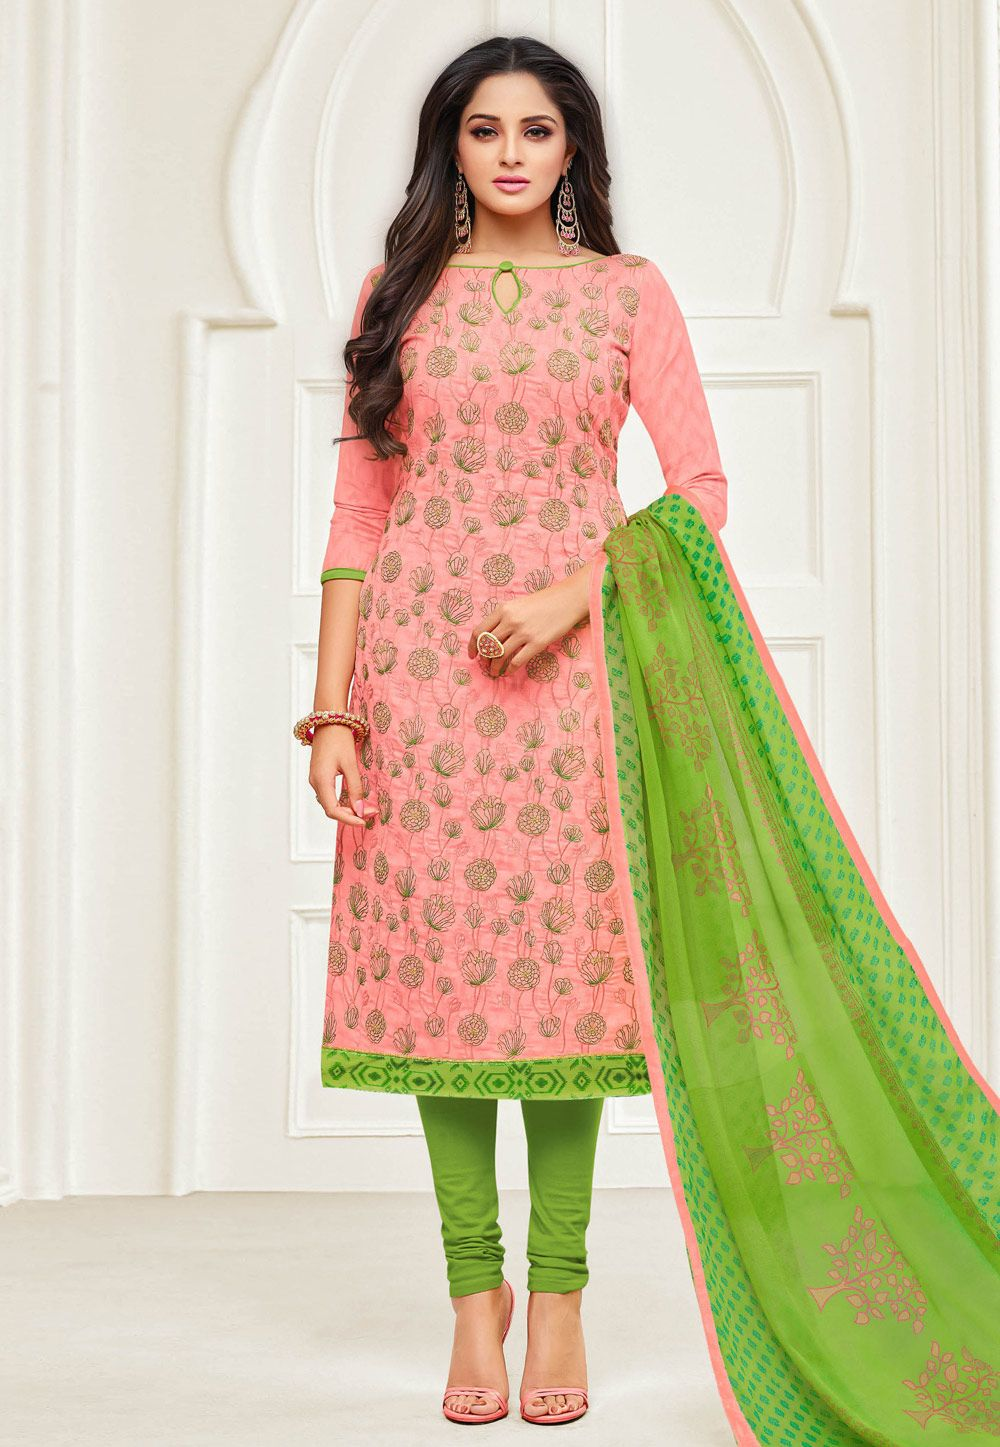 0d2ce360c9 Buy Light Pink Jacquard Churidar Salwar Kameez 154082 online at lowest  price from huge collection of salwar kameez at Indianclothstore.com.